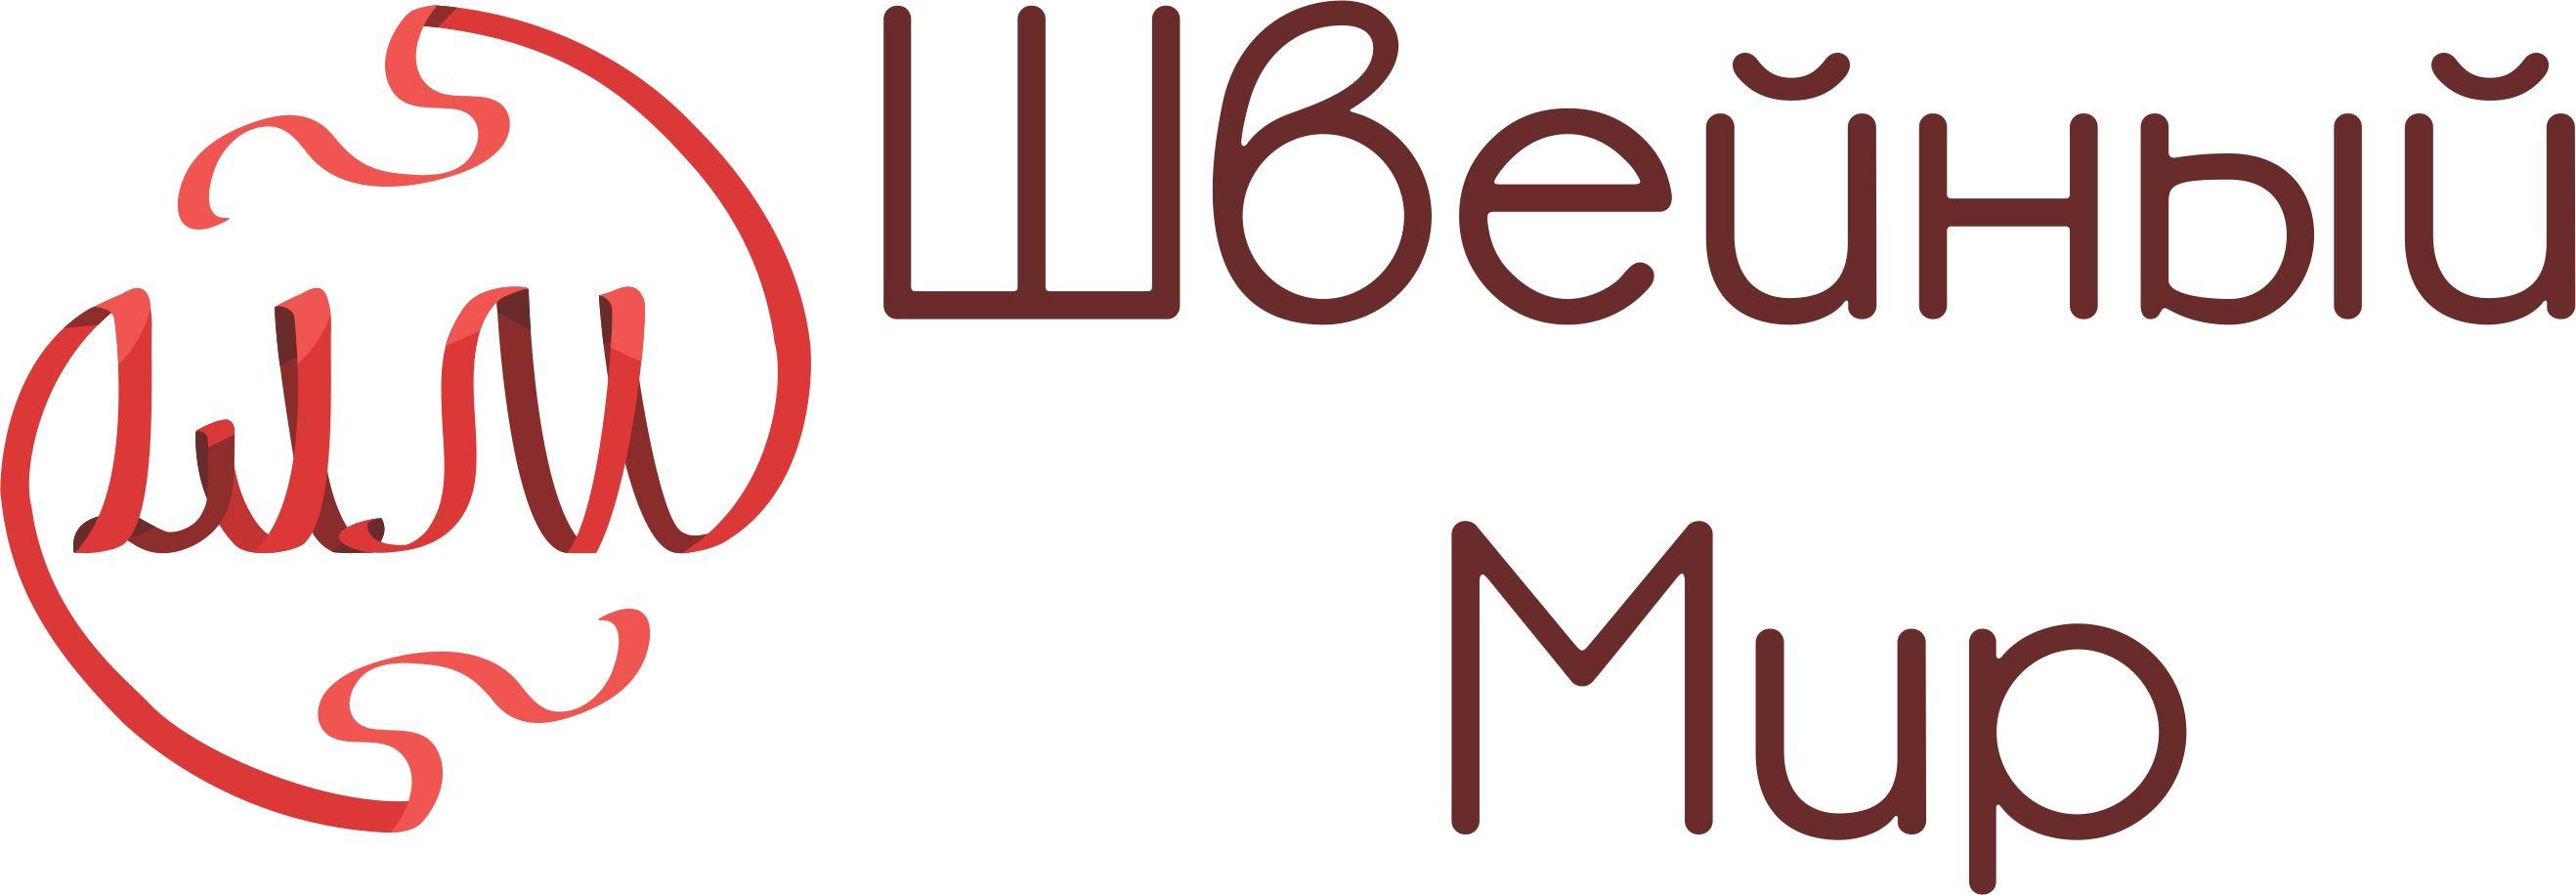 Логотип для ООО Швейный мир - дизайнер kuchupen